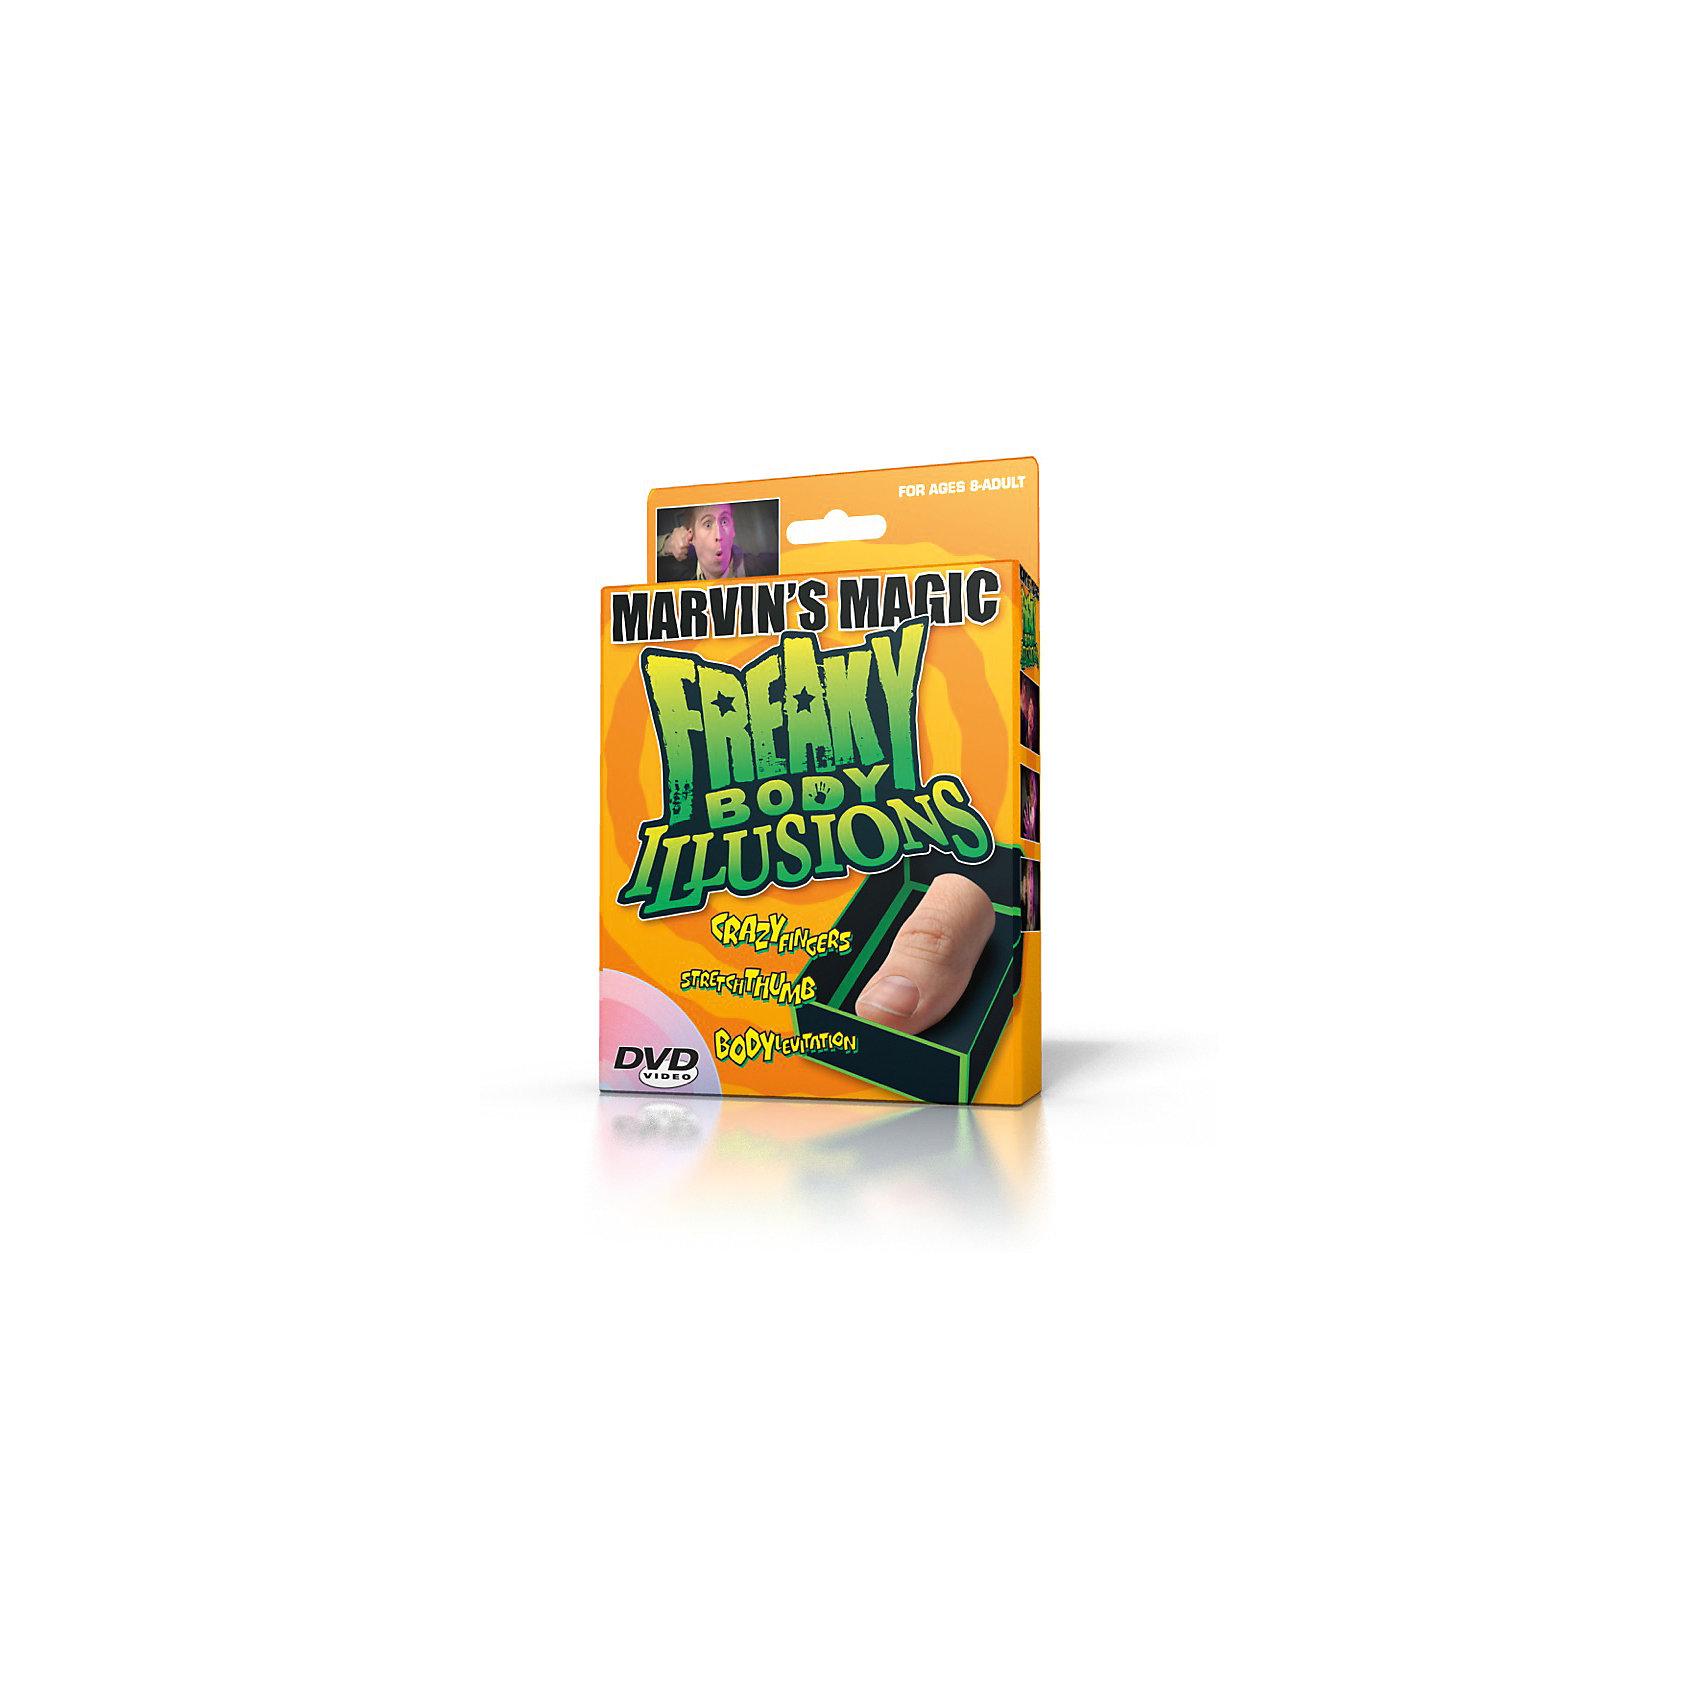 Набор фокусов  Смешные ужасы  и   иллюзии с  частями телаФокусы и розыгрыши<br>Набор фокусов Смешные ужасы и  иллюзии с частями тела.<br><br>Характеристики:<br><br>• В наборе: зеленый платочек, муляж языка, искусственный палец, набор карточек, карточка члена клуба Марвинс Мэйджик, DVD диск с инструкциями<br>• Материал: пластик, текстиль<br>• Упаковка: картонная коробка<br><br>Наборы Смешные ужасы и  иллюзии с частями тела позволит маленьким фокусникам проделывать самые невероятные трюки и создавать удивительные иллюзии со своим телом. В набор входит зеленый платочек, муляж языка, бутафорский искусственный палец, набор карточек и DVD диск с инструкциями о том, как можно напугать и удивить с помощью этих аксессуаров. Набор развивает координацию движений, артистизм, навыки общения и выступления на публике.<br><br>Набор фокусов Смешные ужасы и  иллюзии с частями тела можно купить в нашем интернет-магазине.<br><br>Ширина мм: 160<br>Глубина мм: 55<br>Высота мм: 235<br>Вес г: 205<br>Возраст от месяцев: 96<br>Возраст до месяцев: 2147483647<br>Пол: Унисекс<br>Возраст: Детский<br>SKU: 5482550